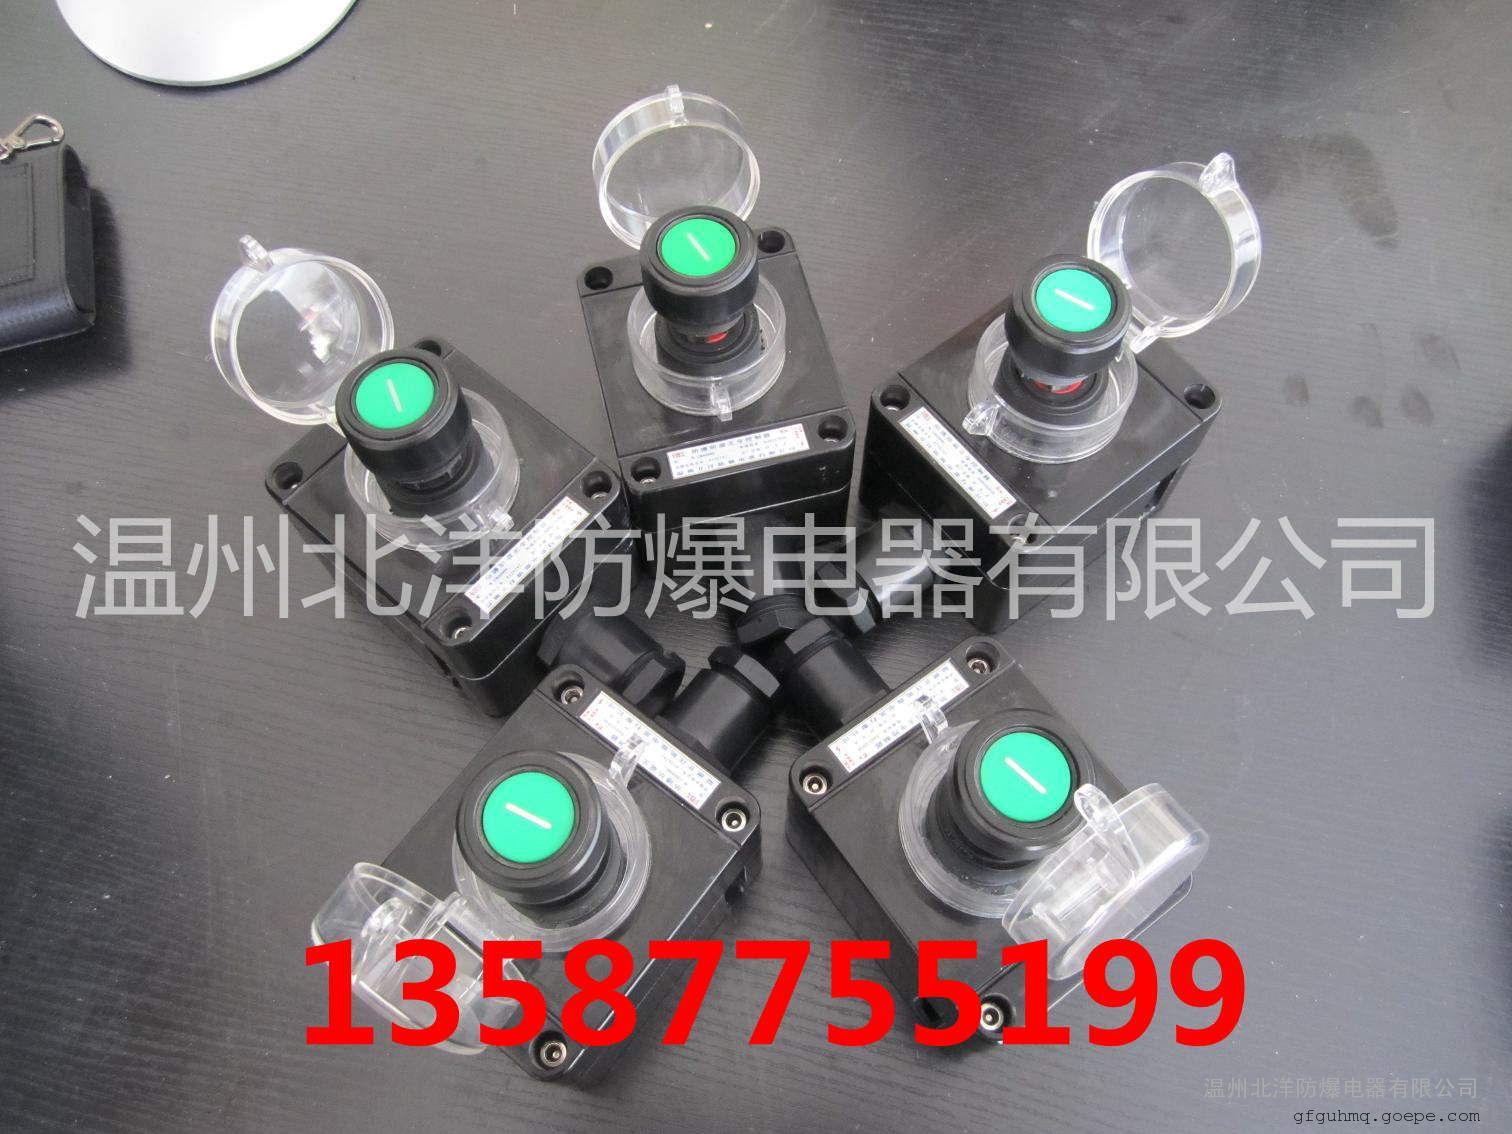 防爆防腐主令控制器CBA8060价格 直销防爆防腐控制器